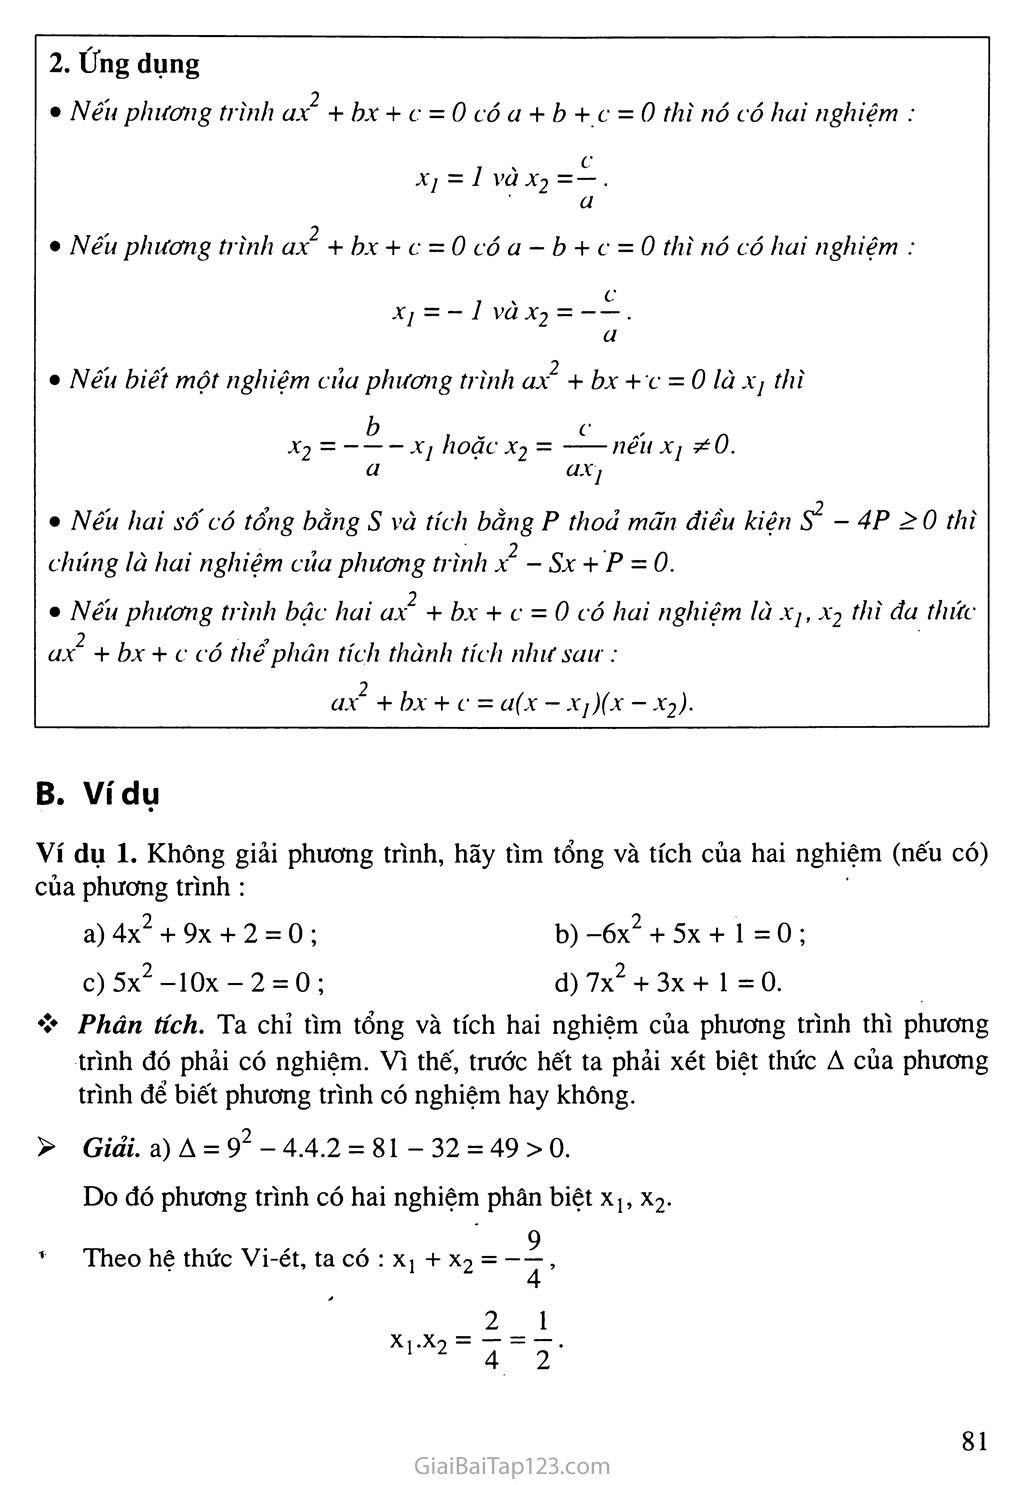 Bài 6. Hệ thức Vi-ét và ứng dụng trang 2